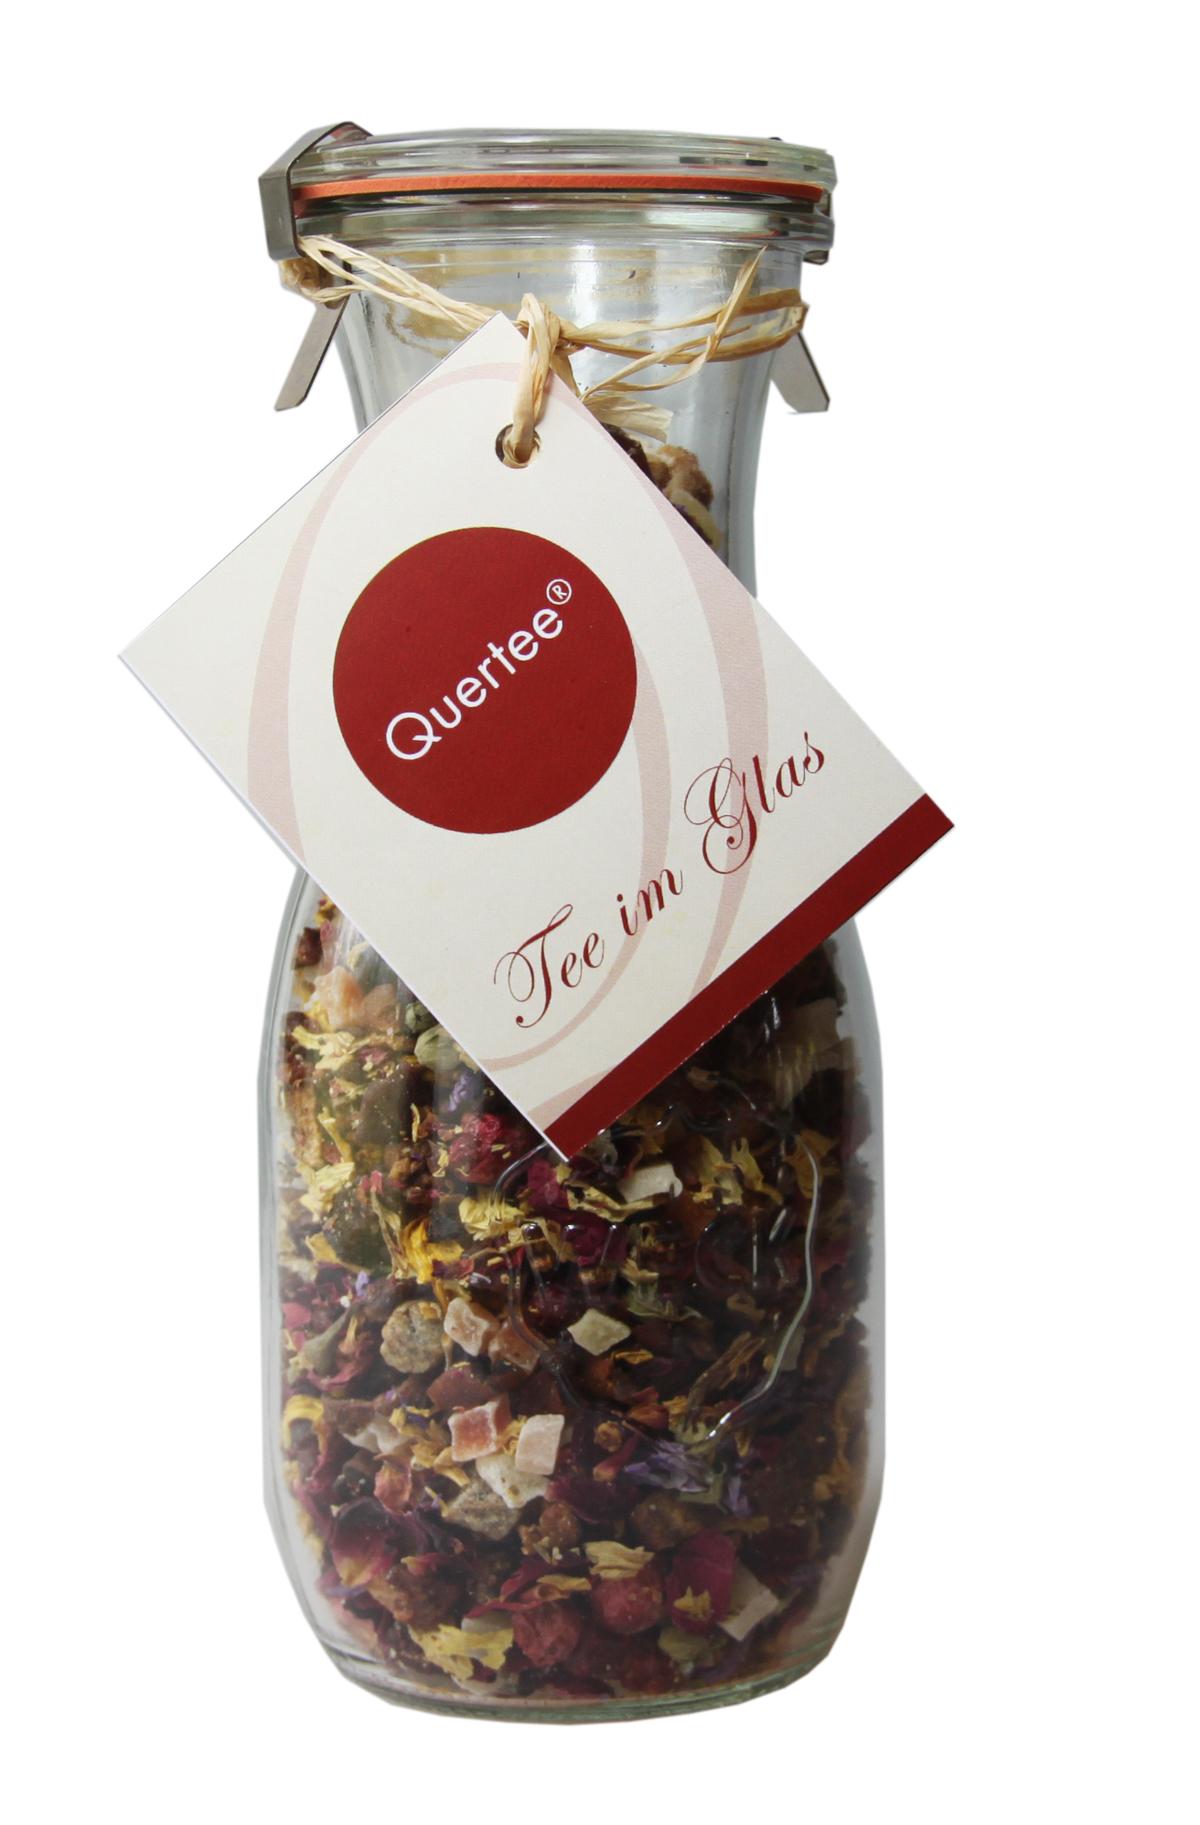 Tee im Glas - Früchtetee zum Muttertag